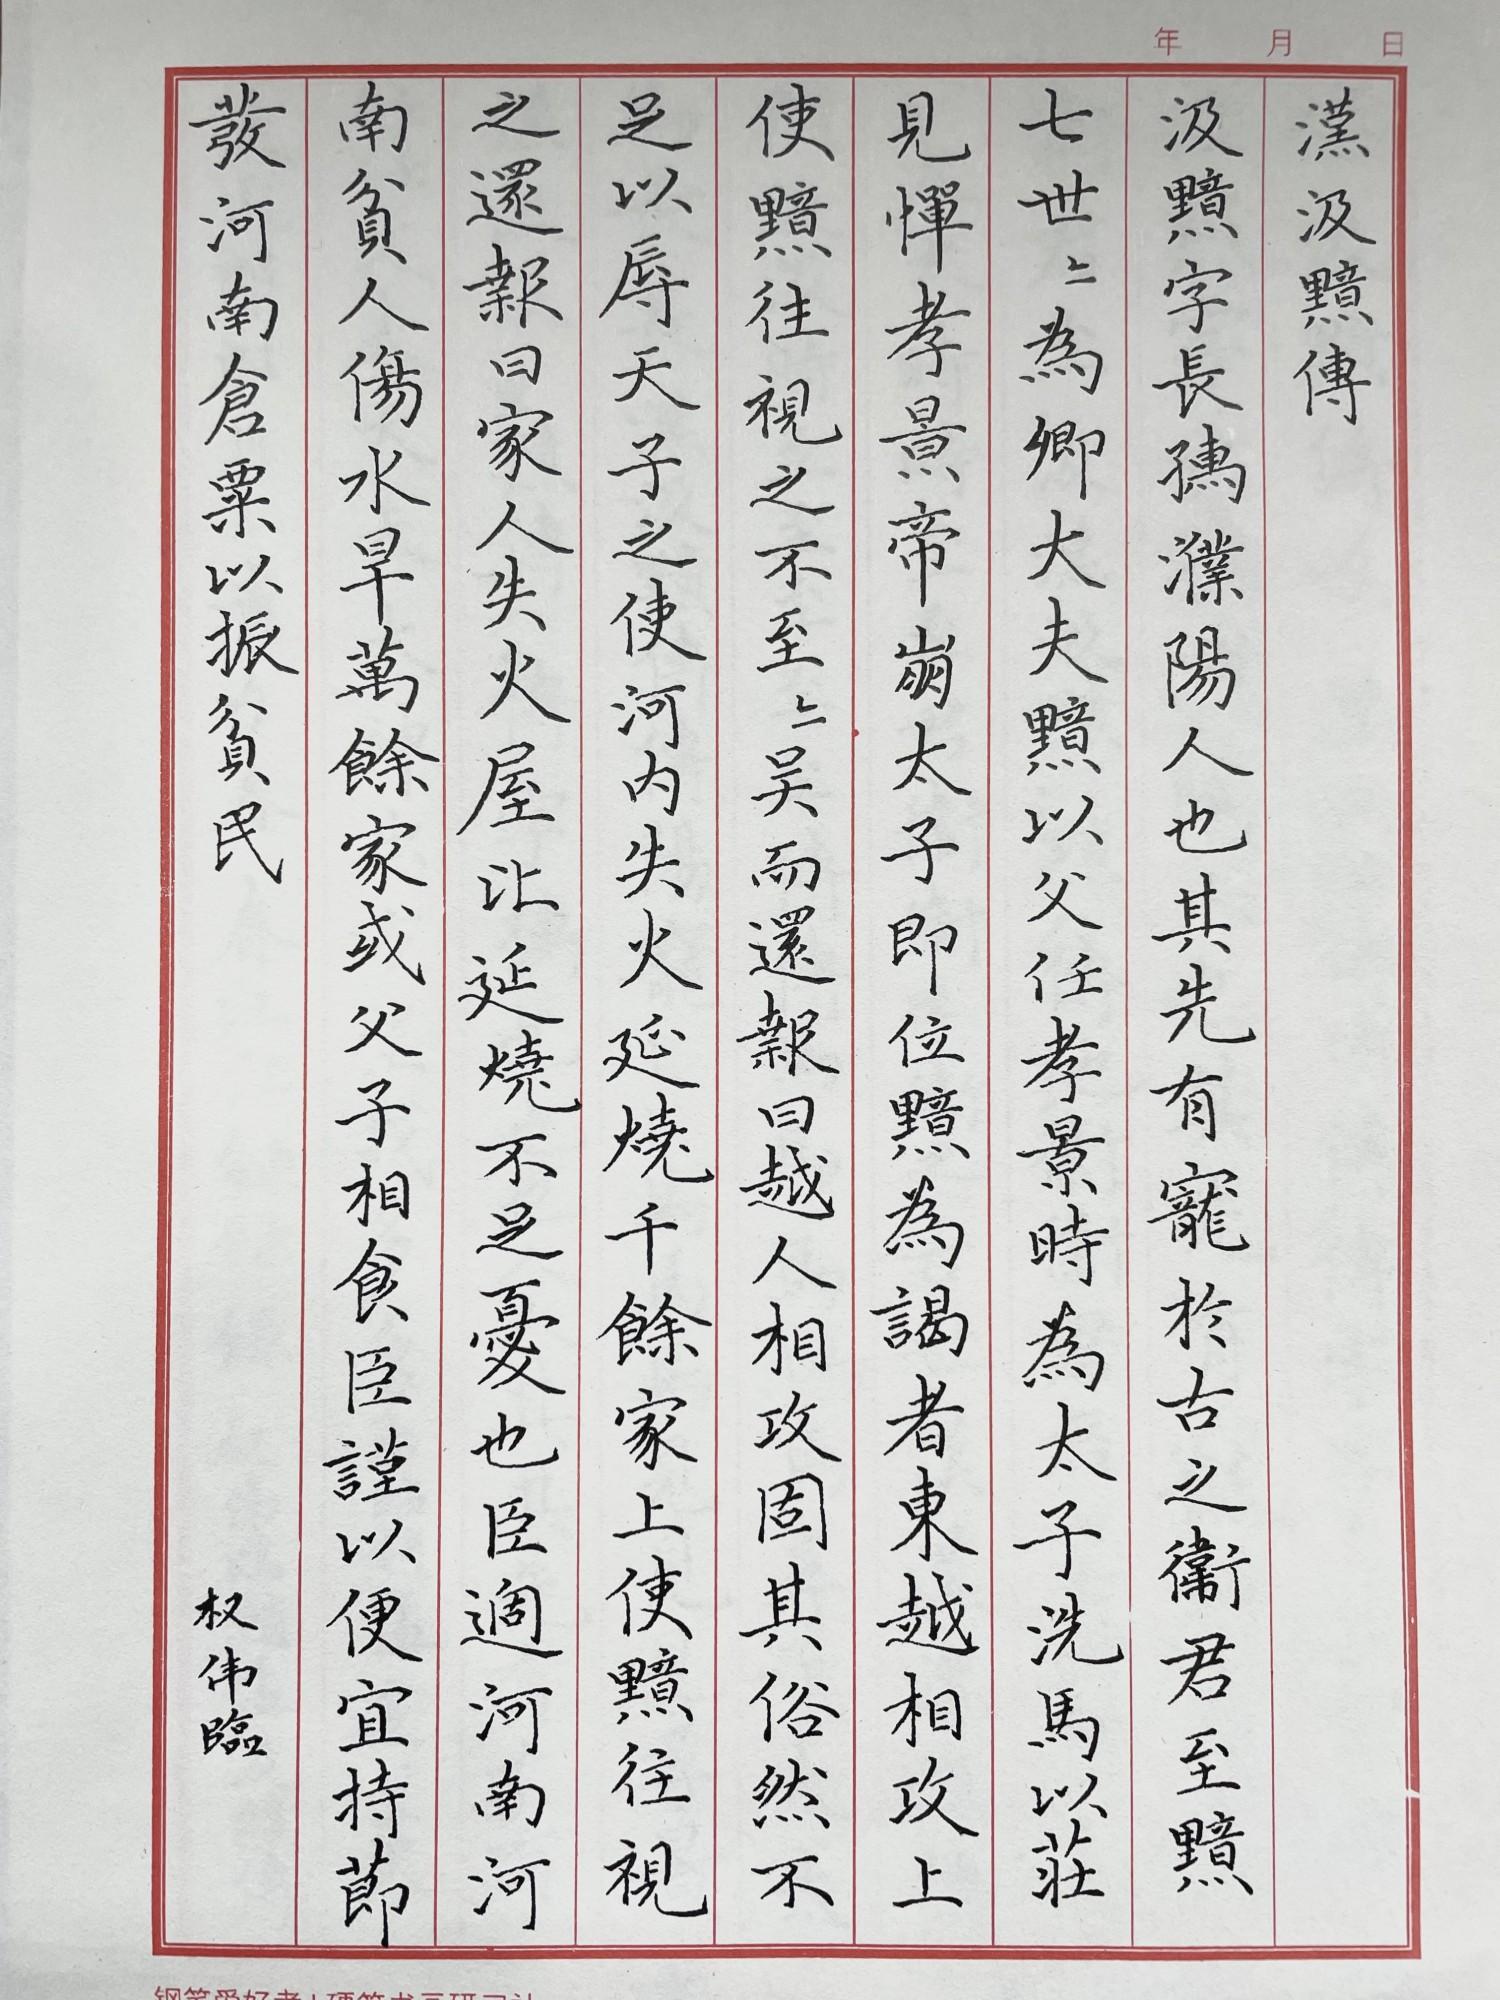 钢笔书法练字打卡20210615-21